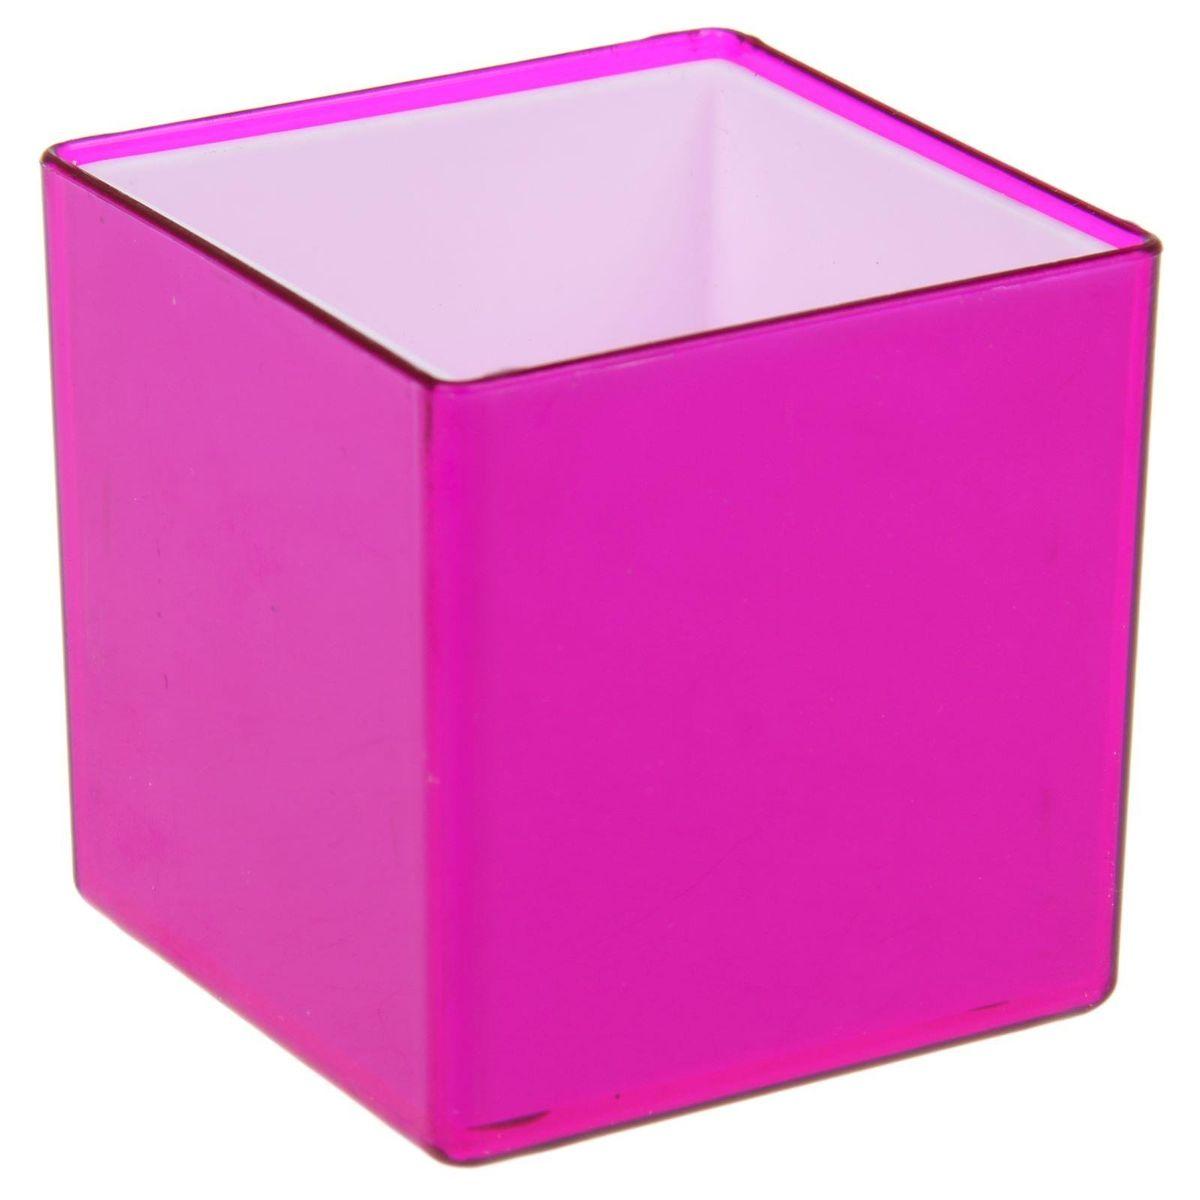 Кашпо JetPlast Мини куб, на магните, цвет: темно-фиолетовый, 6 x 6 x 6 см531-401Кашпо JetPlast Мини куб предназначено для украшения любого интерьера. Благодаря магнитной ленте, входящей в комплект, вы можете разместить его не только на подоконнике, столе или иной поверхности, а также на холодильнике и любой другой металлической поверхности, дополняя привычные вещи новыми дизайнерскими решениями. Кашпо можно использовать не только под цветы, но и как подставку для ручек, карандашей и прочих канцелярских мелочей.Размеры кашпо: 6 х 6 х 6 см.